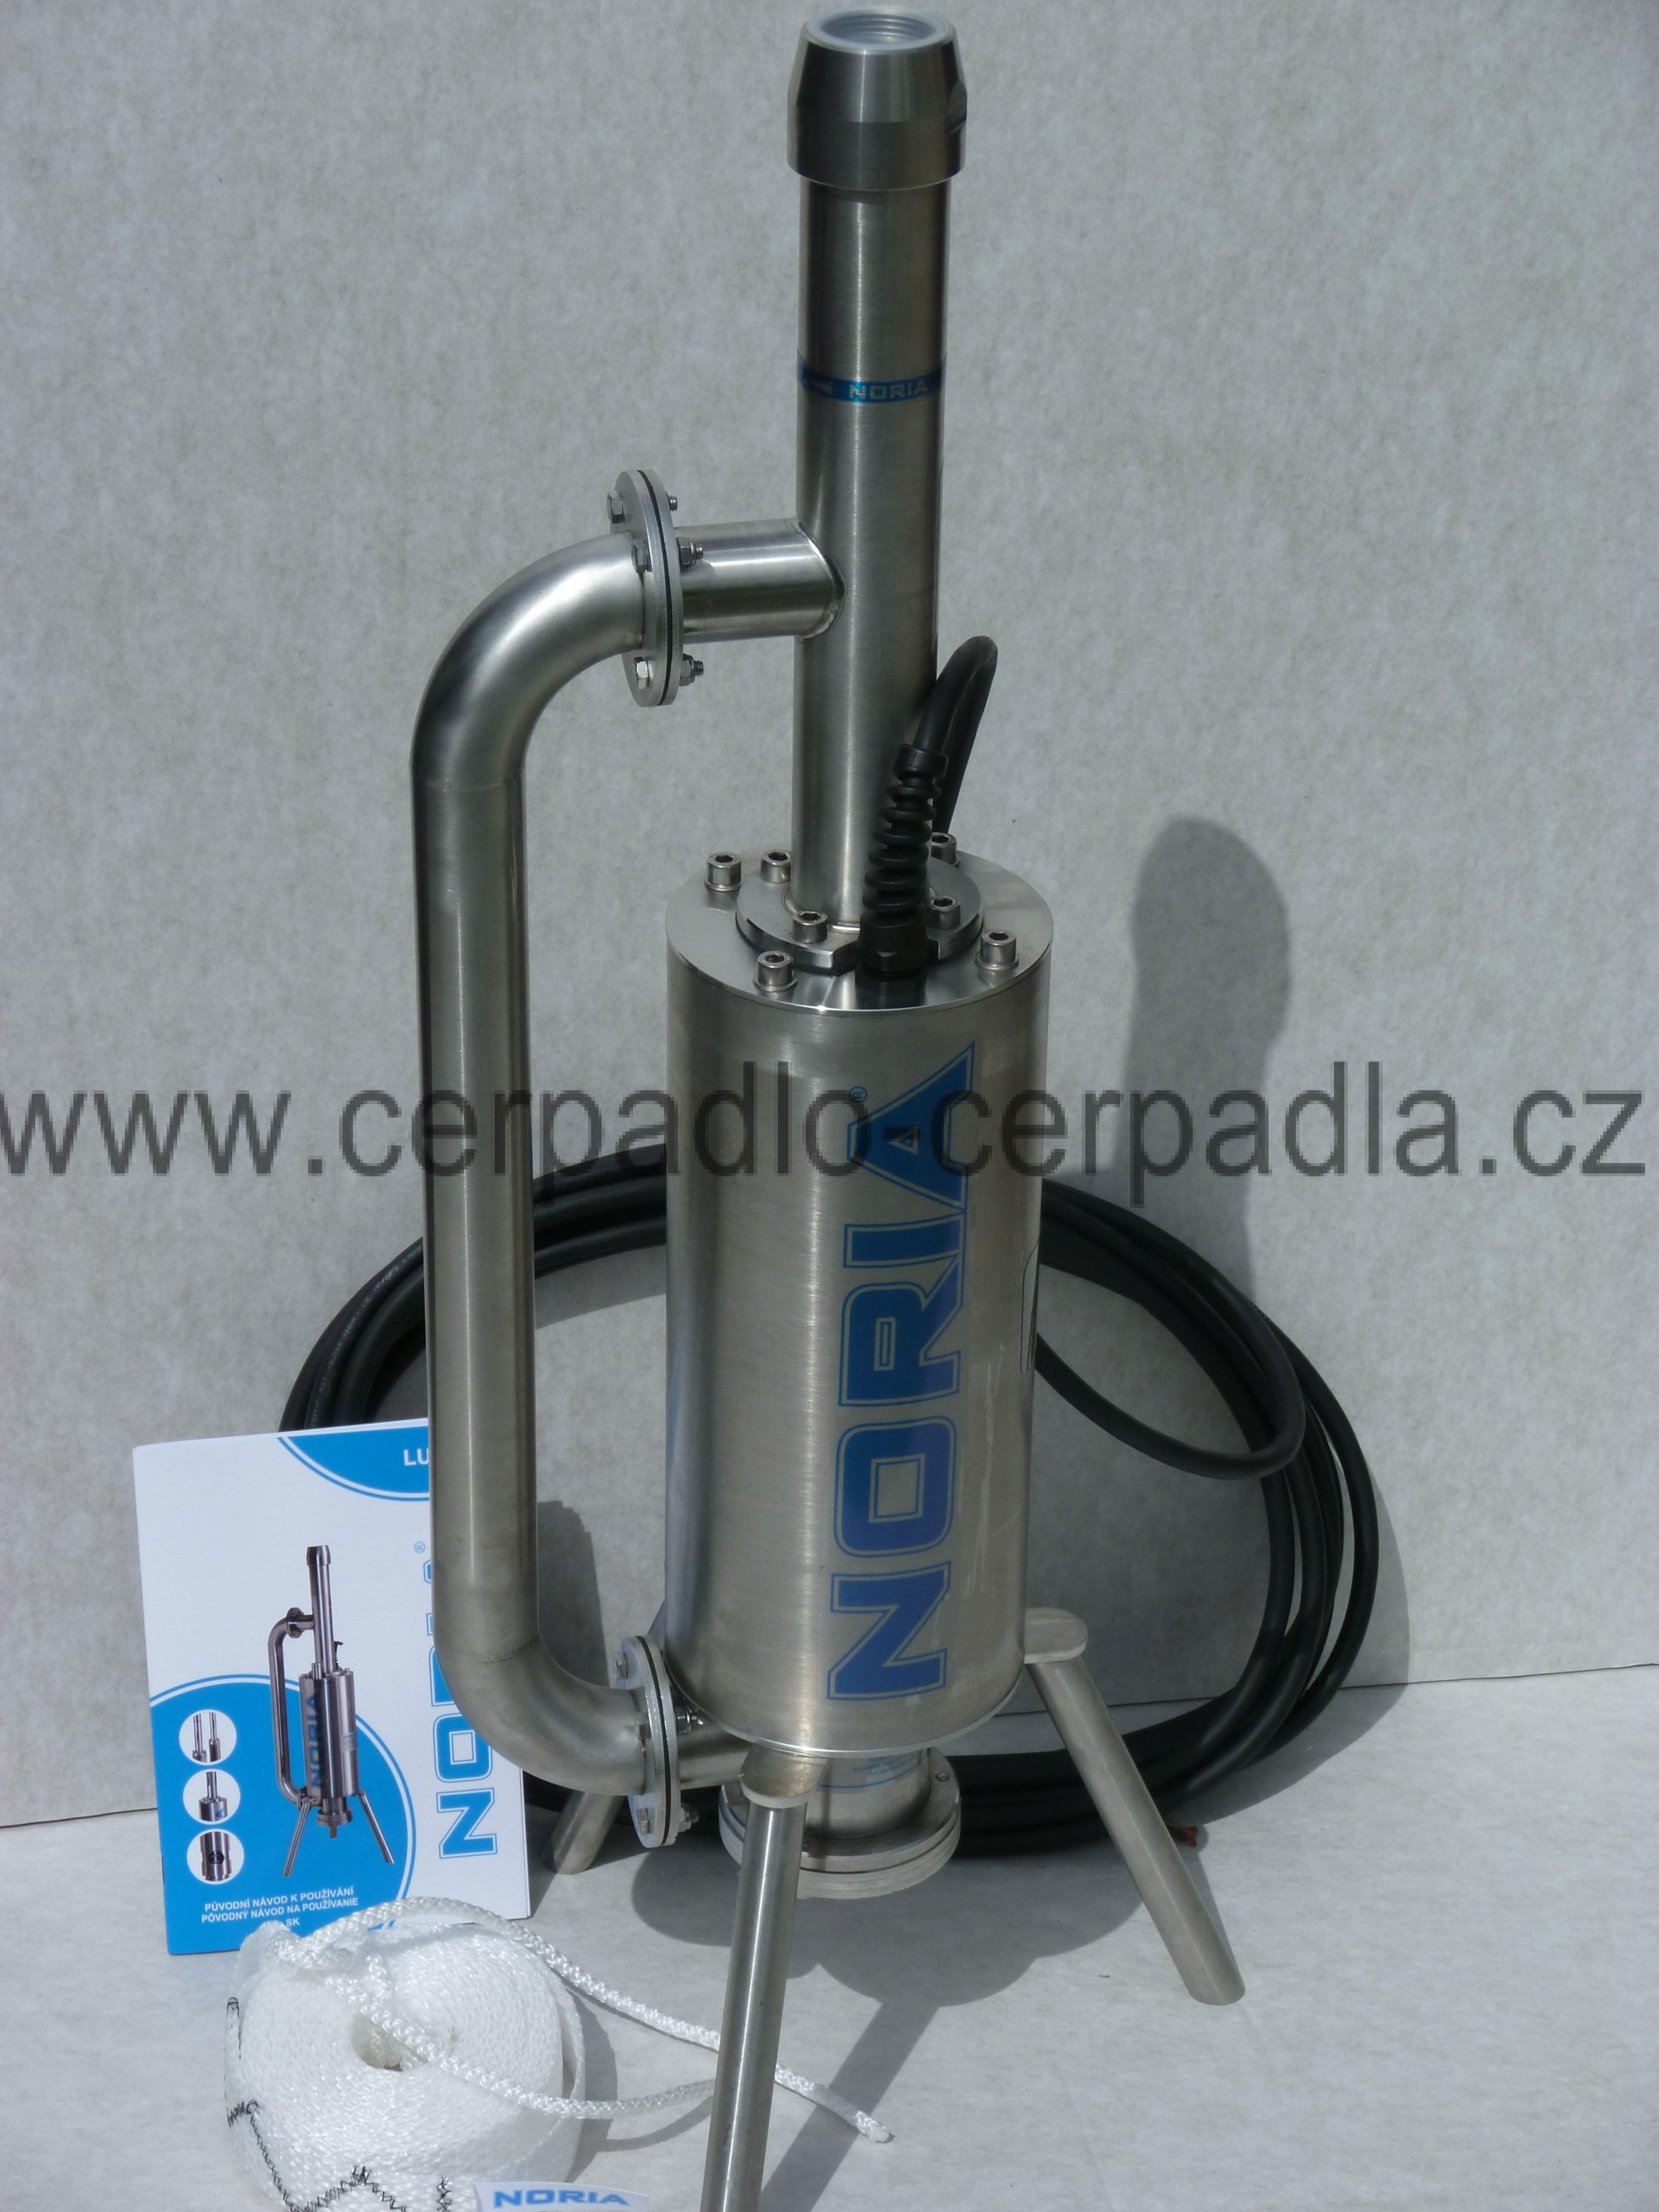 NORIA LUCA - 100 - 16 - N3, 400 V 20 m (kalové čerpadlo, AKCE DOPRAVA ZDARMA, kalová čerpadla LUCA, podobné jako EFRU)